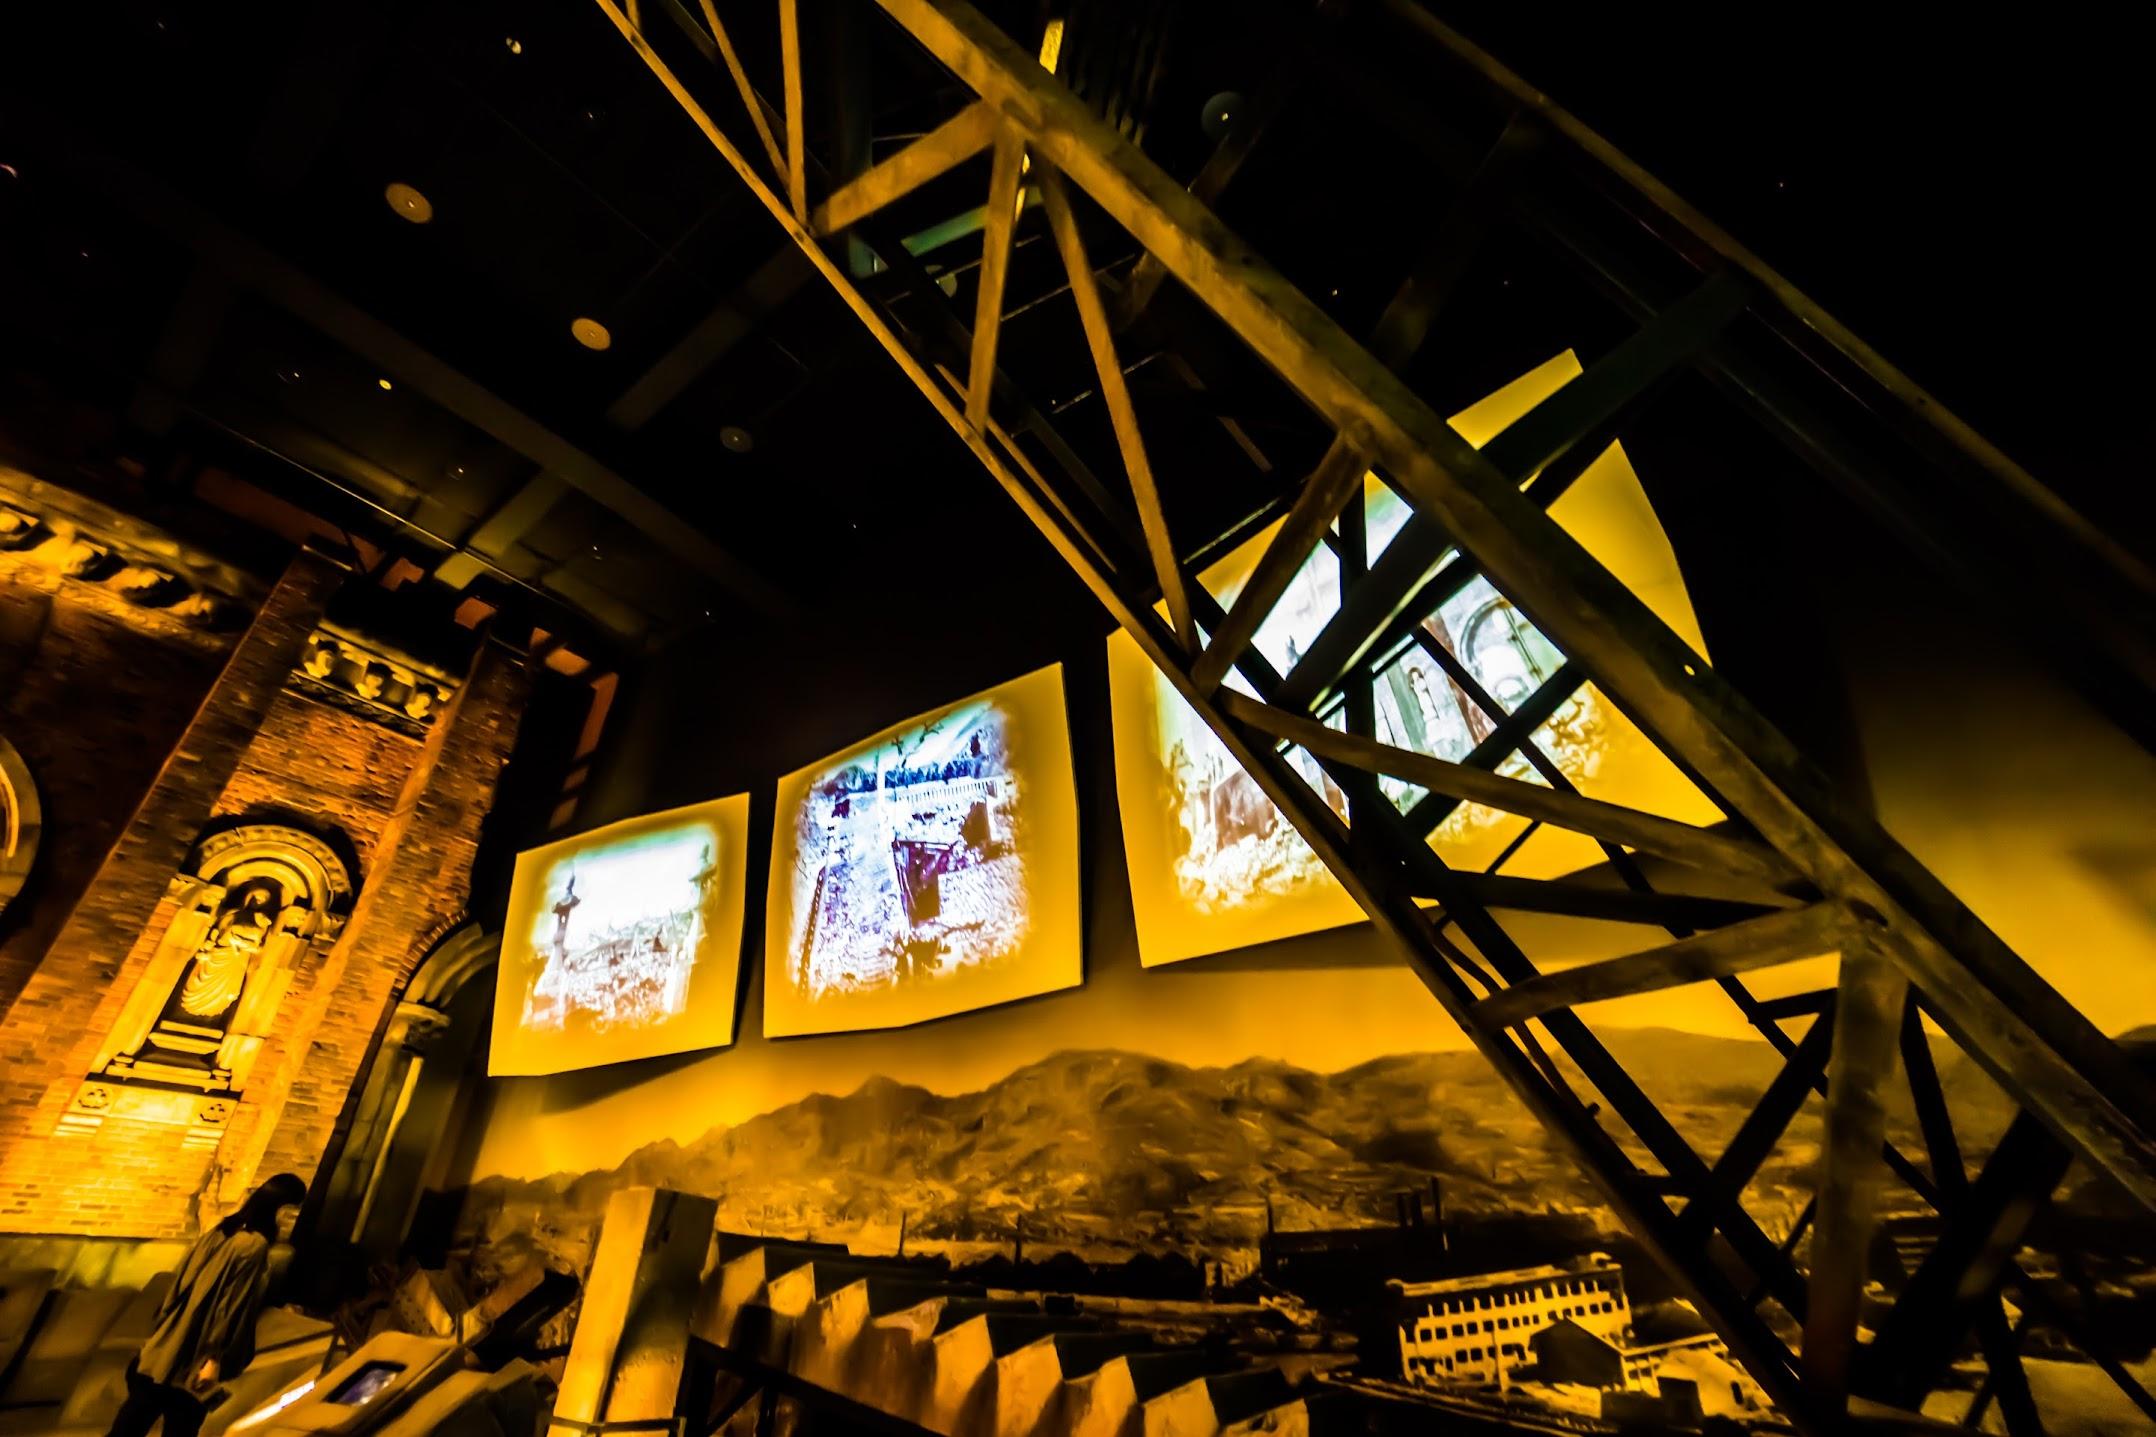 長崎原爆資料館 火の見櫓